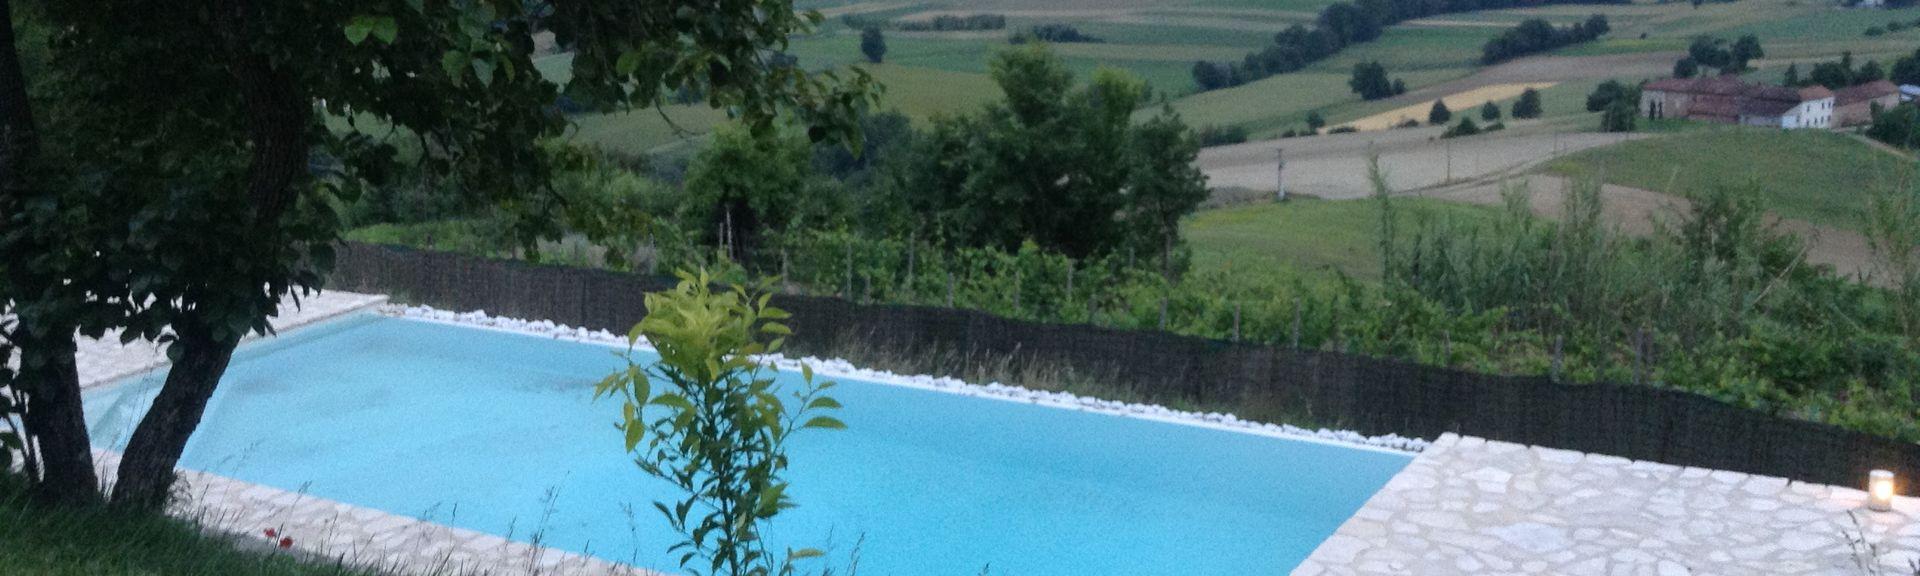 Cocconato, Piémont, Italie